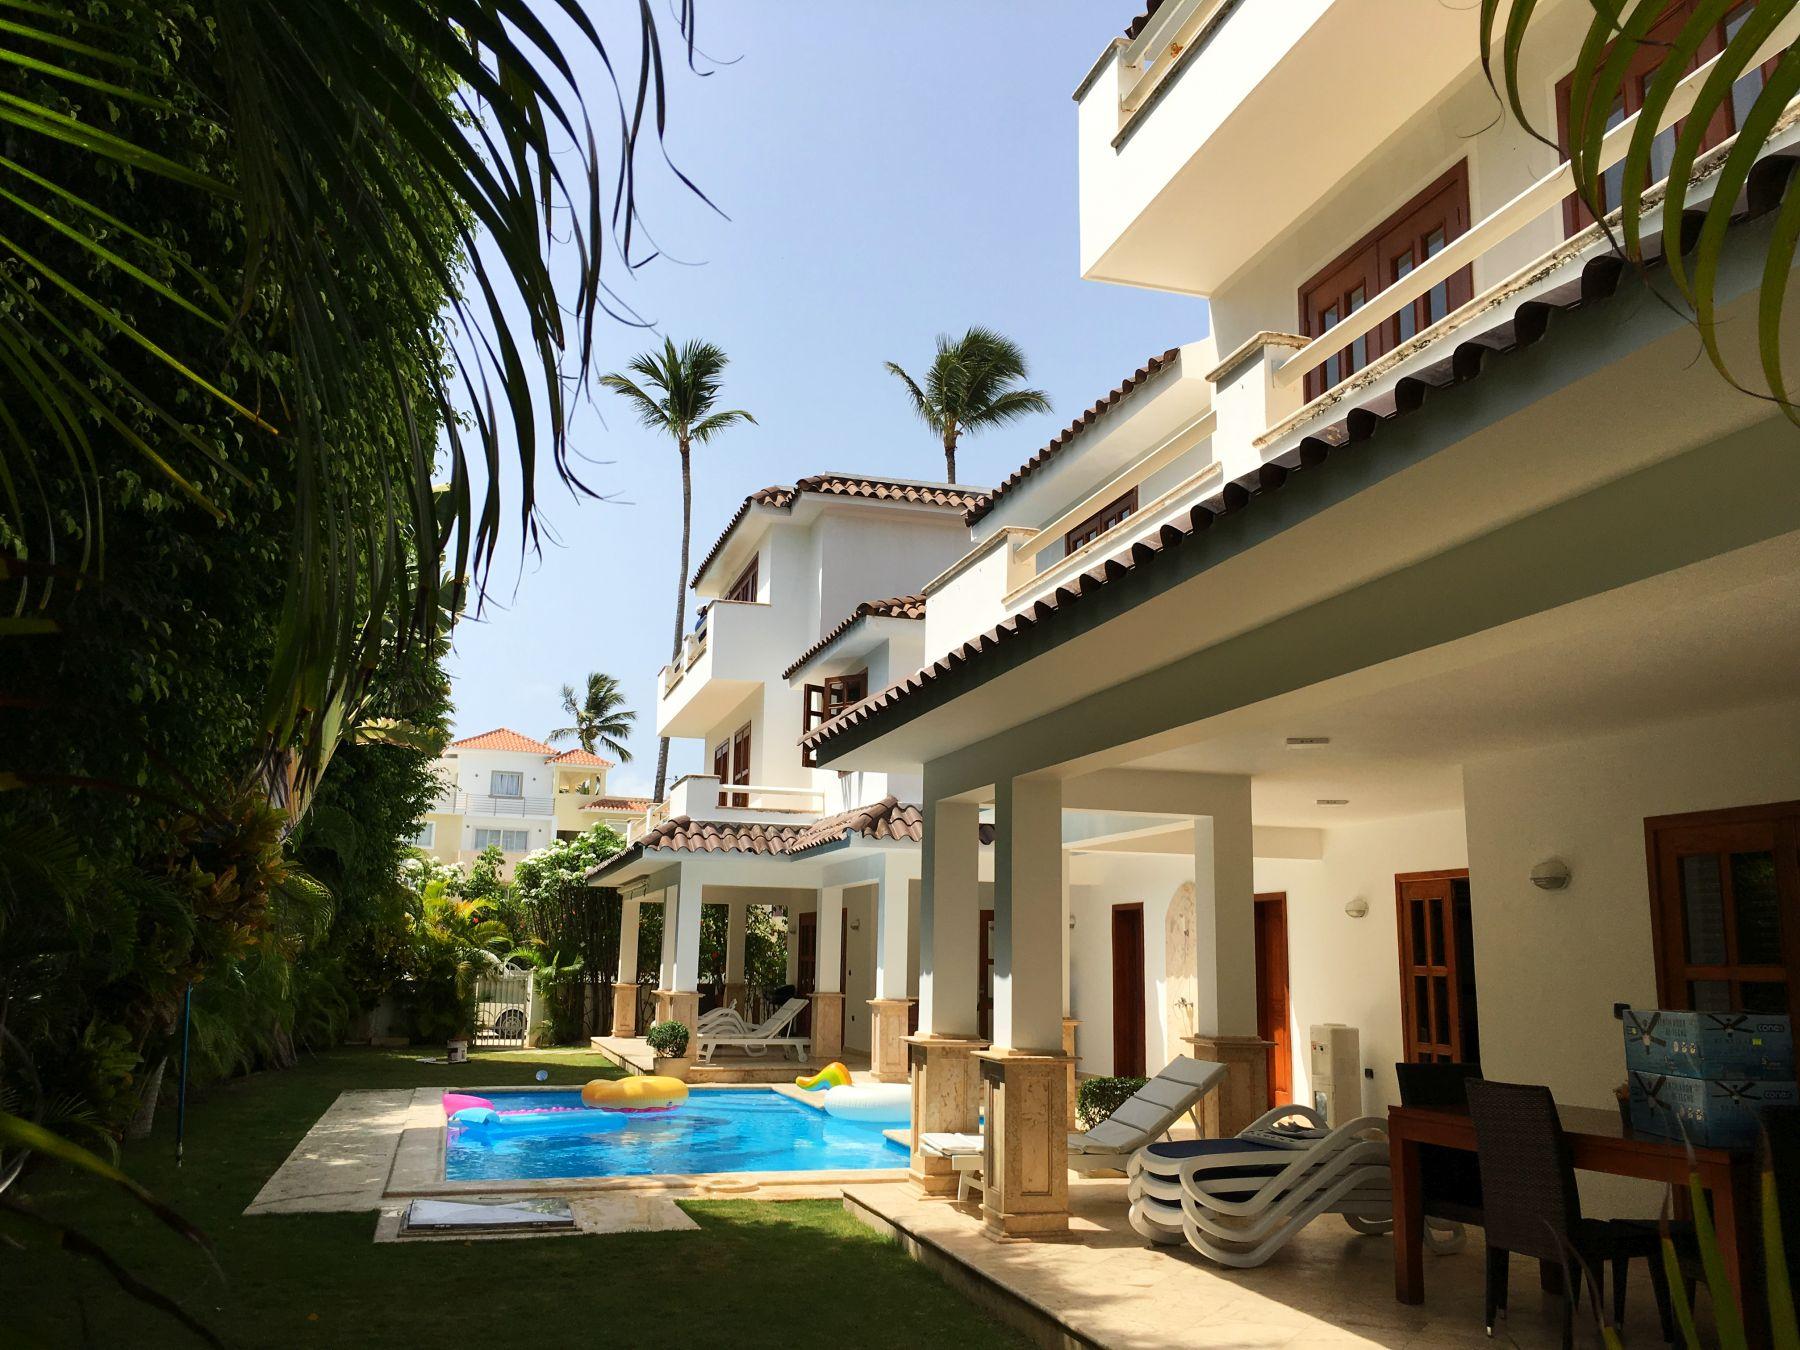 Аренда виллы в Доминикане, 1-я линия, Los Corales, Premiera 1